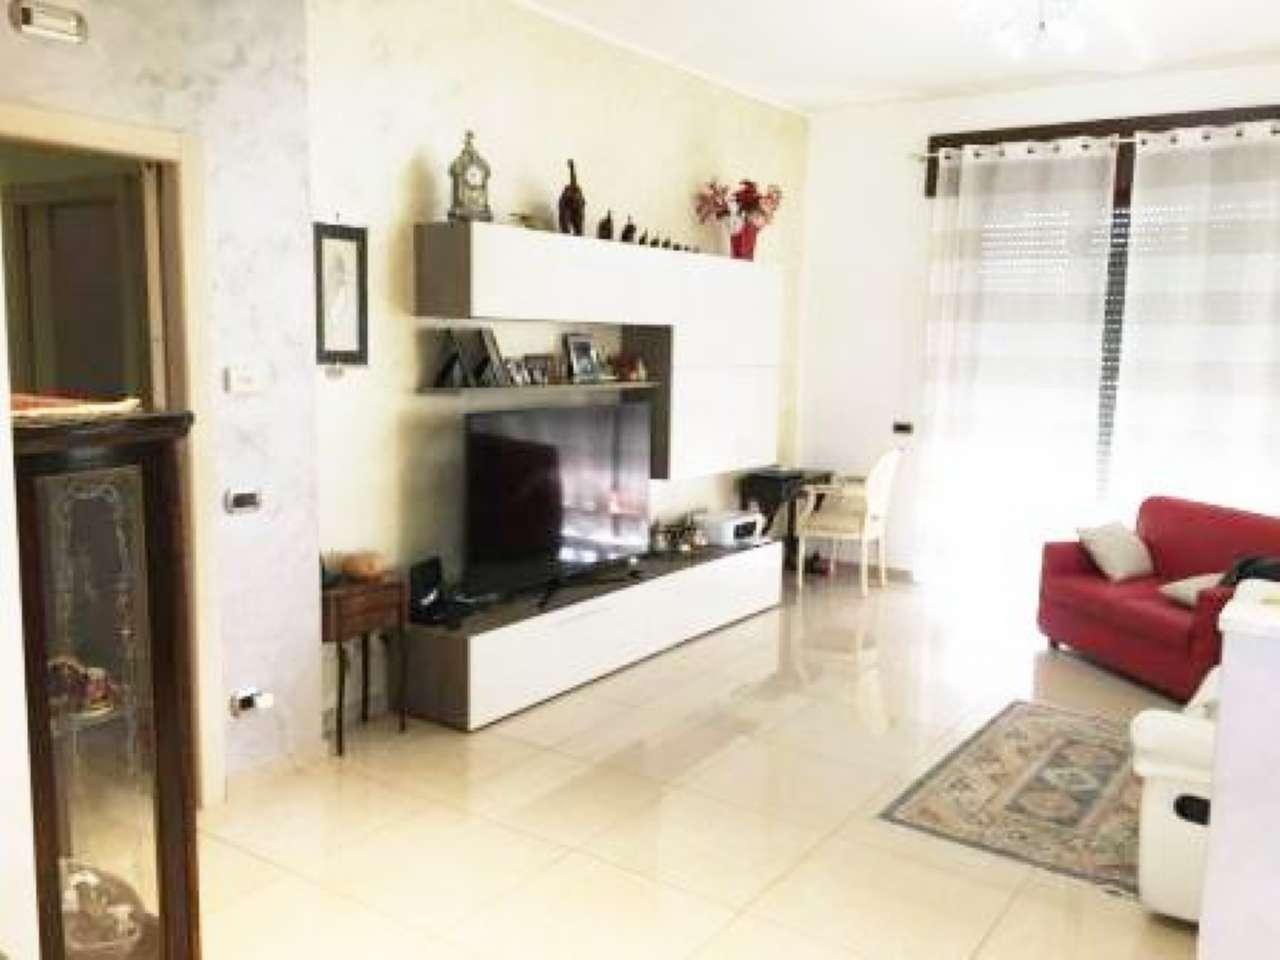 Villa in vendita a Gerenzano, 3 locali, prezzo € 430.000 | CambioCasa.it